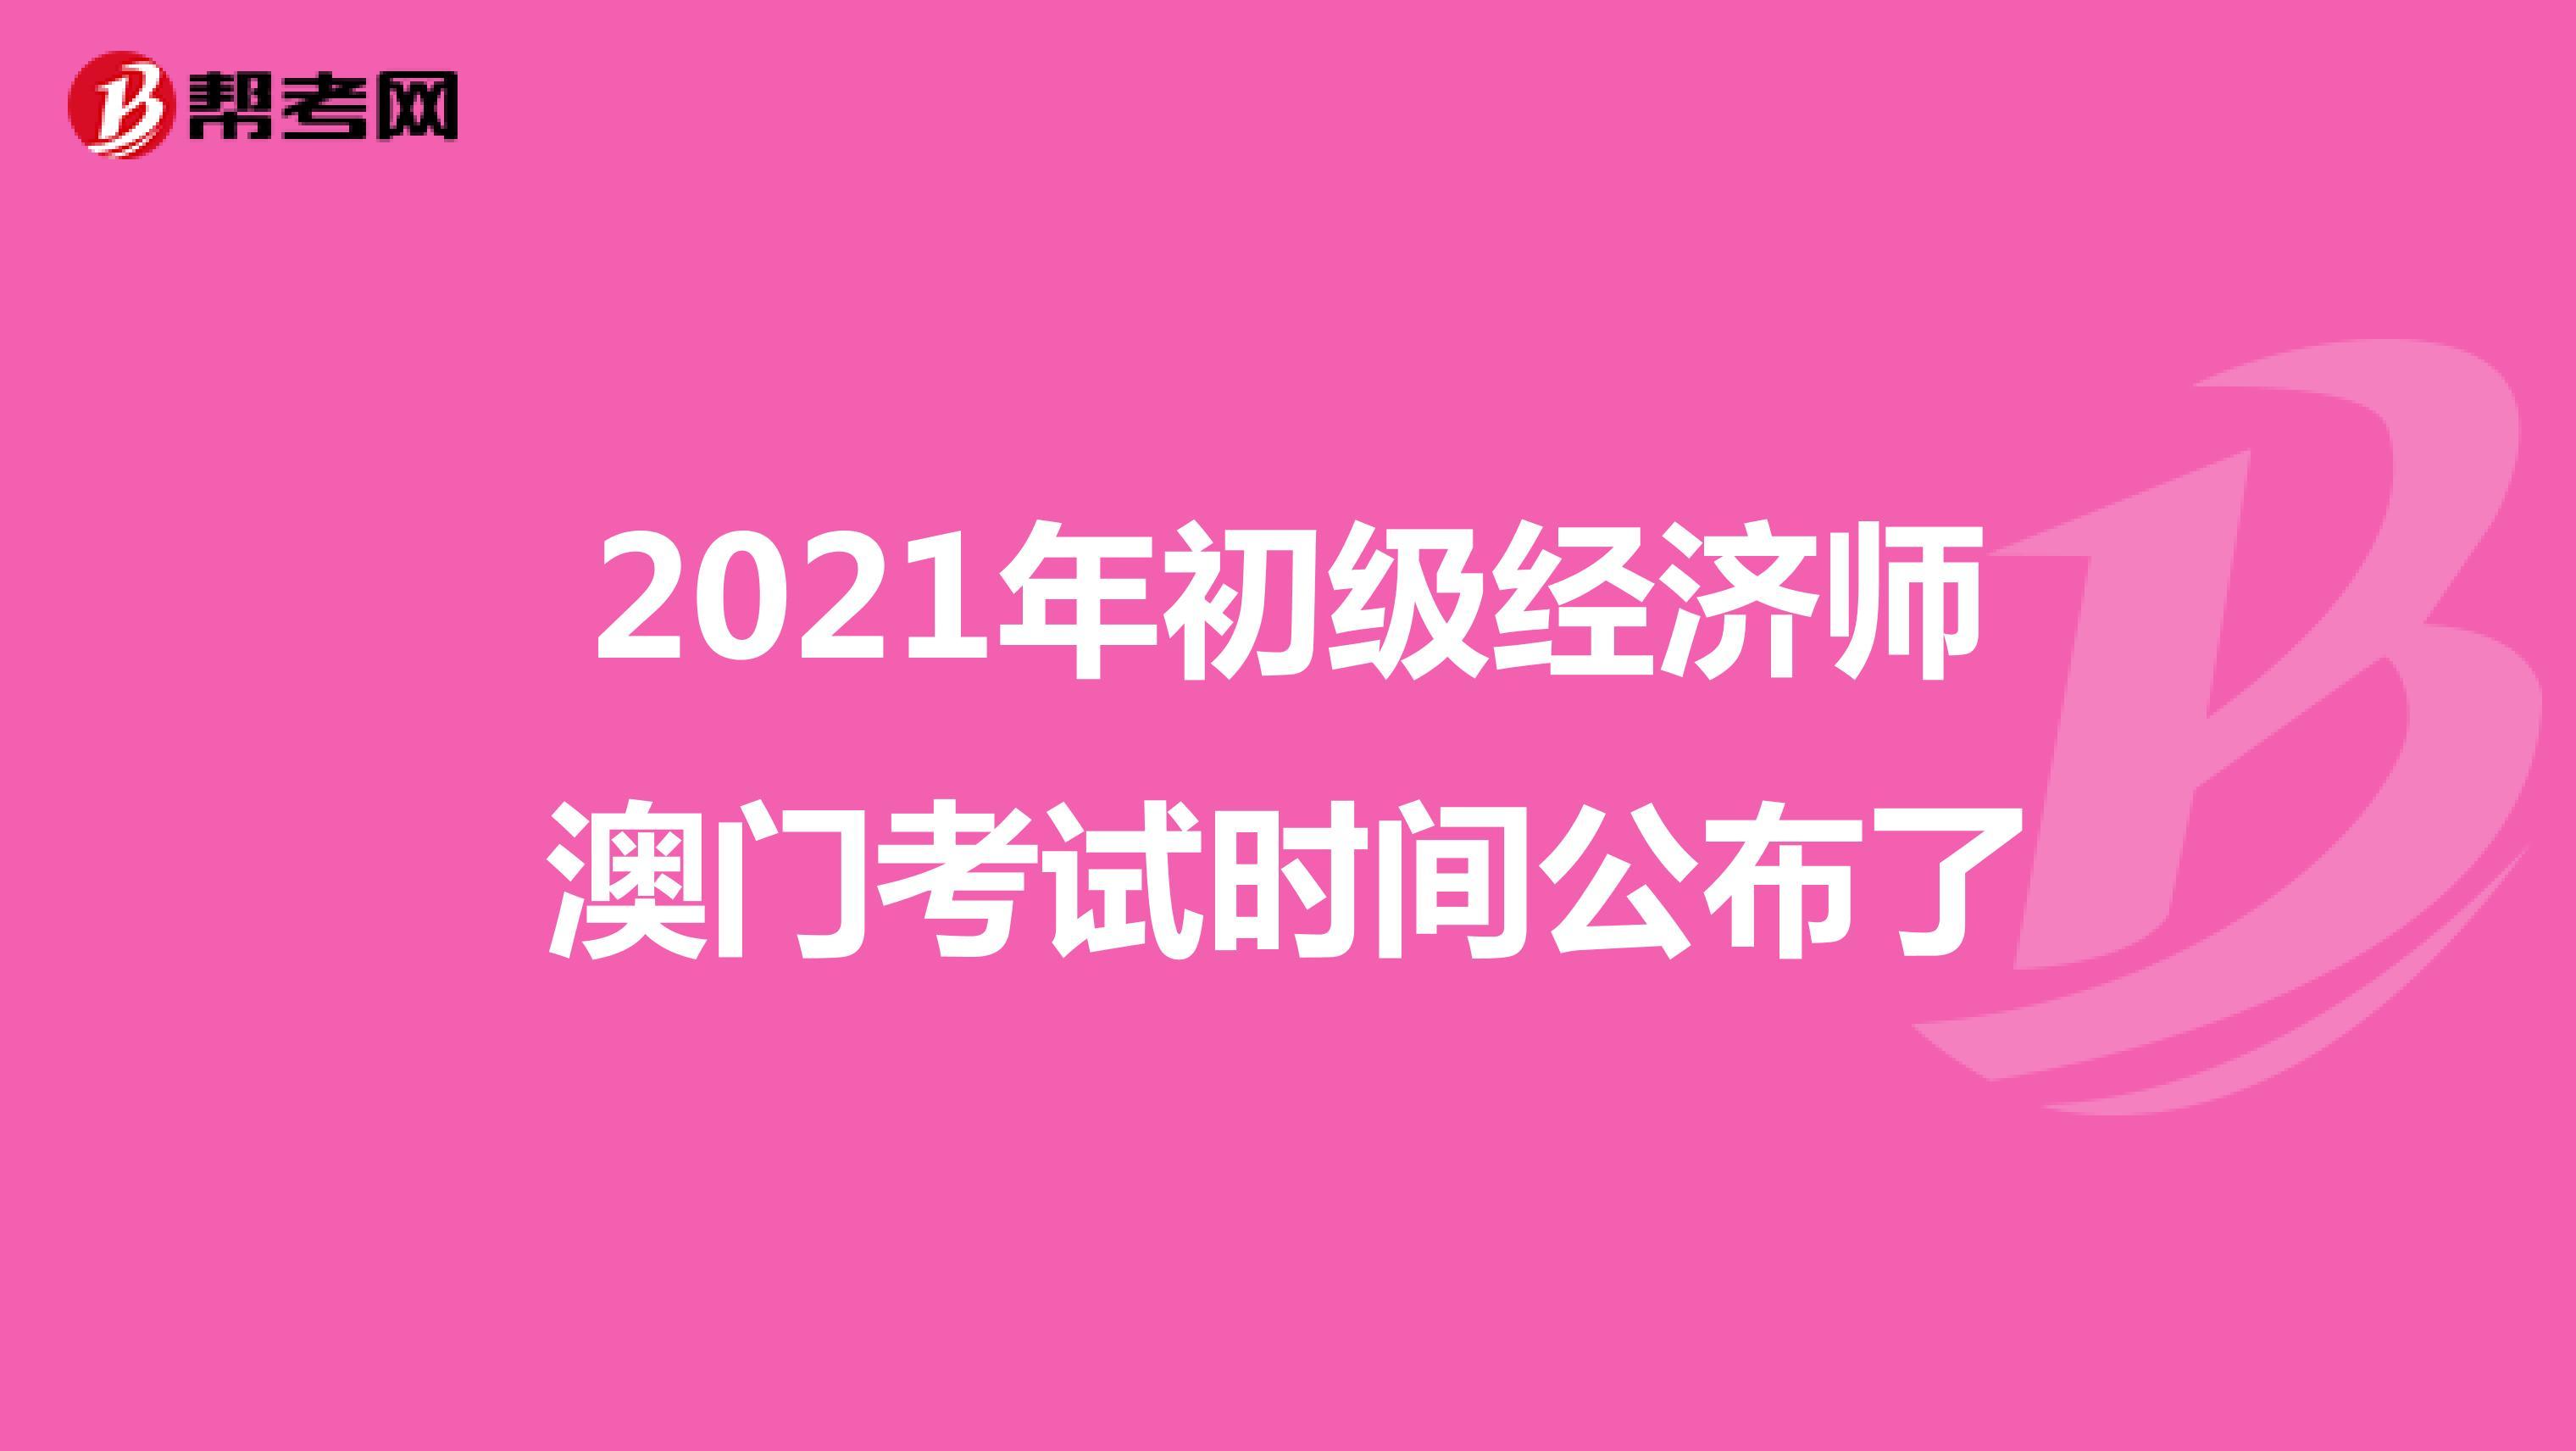 2021年初级经济师澳门考试时间公布了